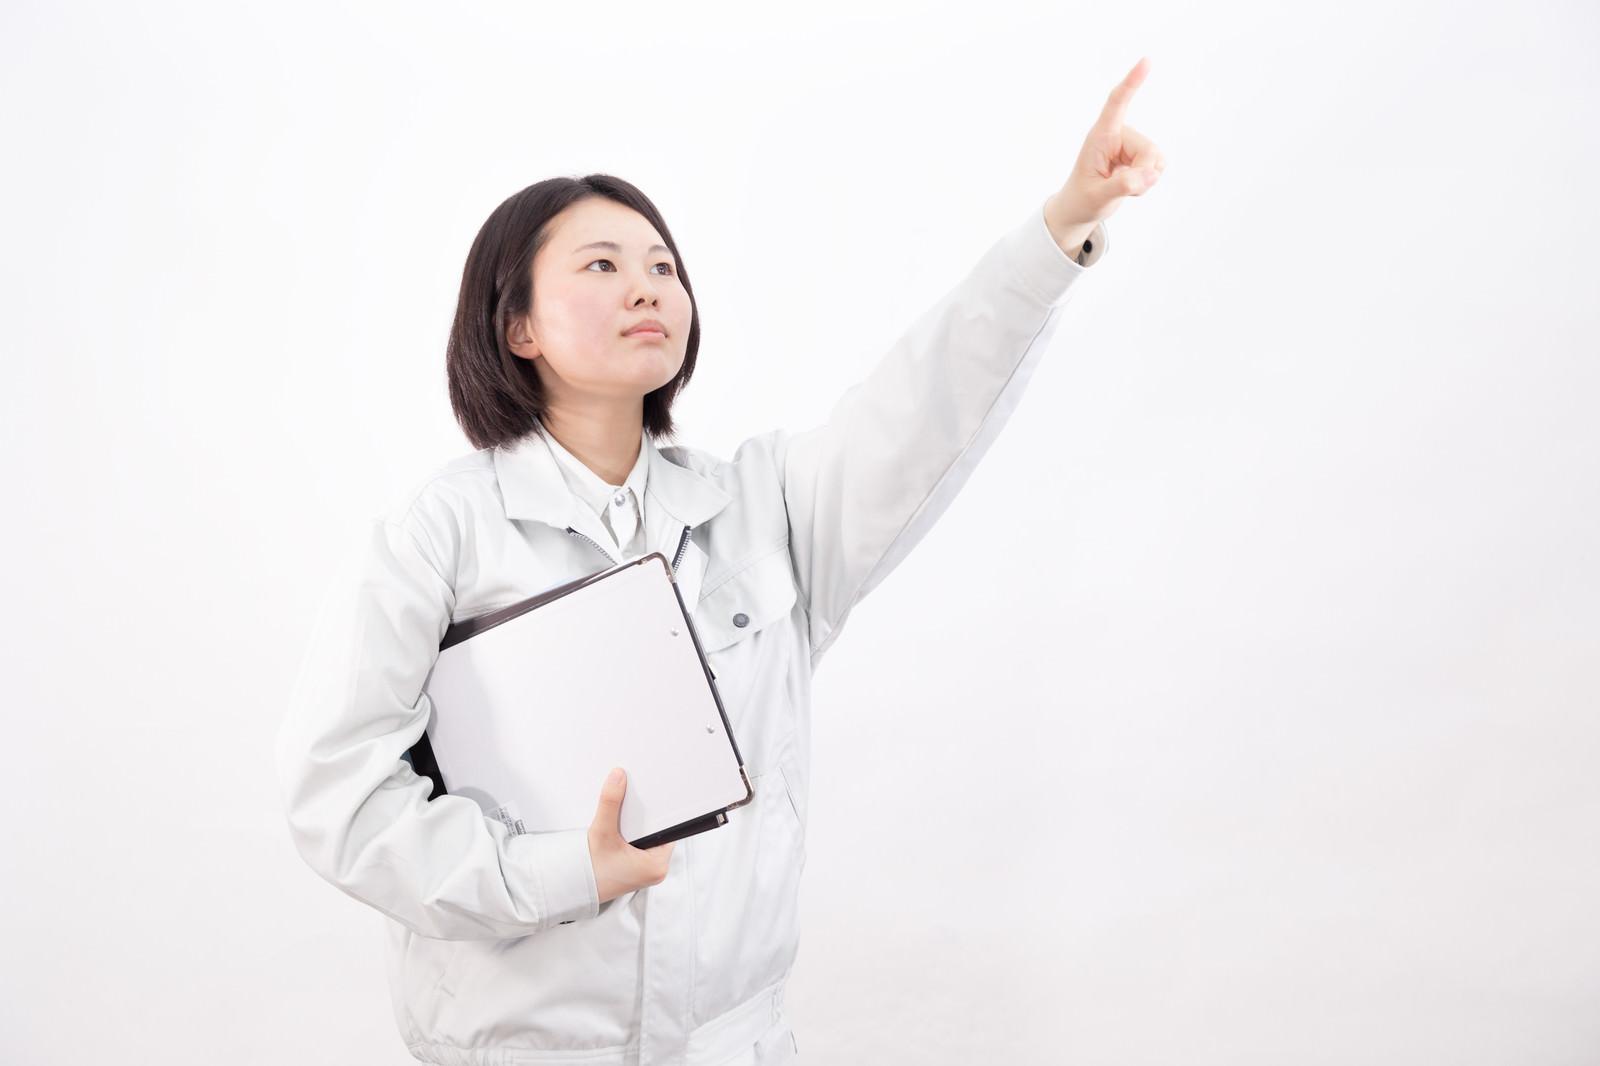 「目標を掲げる女性作業員」[モデル:佐竹PP]